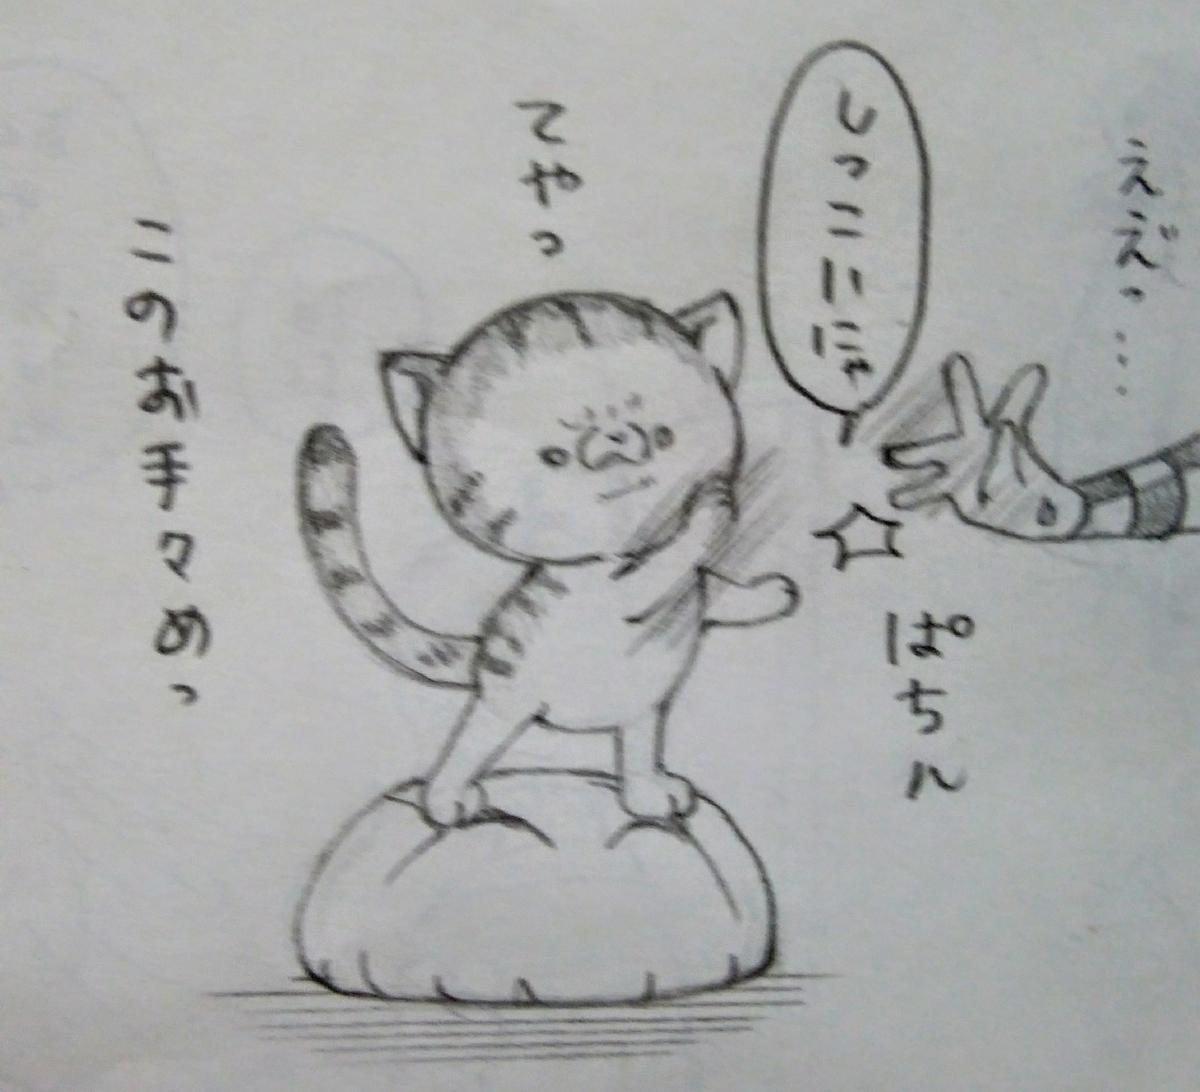 f:id:maricats:20200718133544j:plain